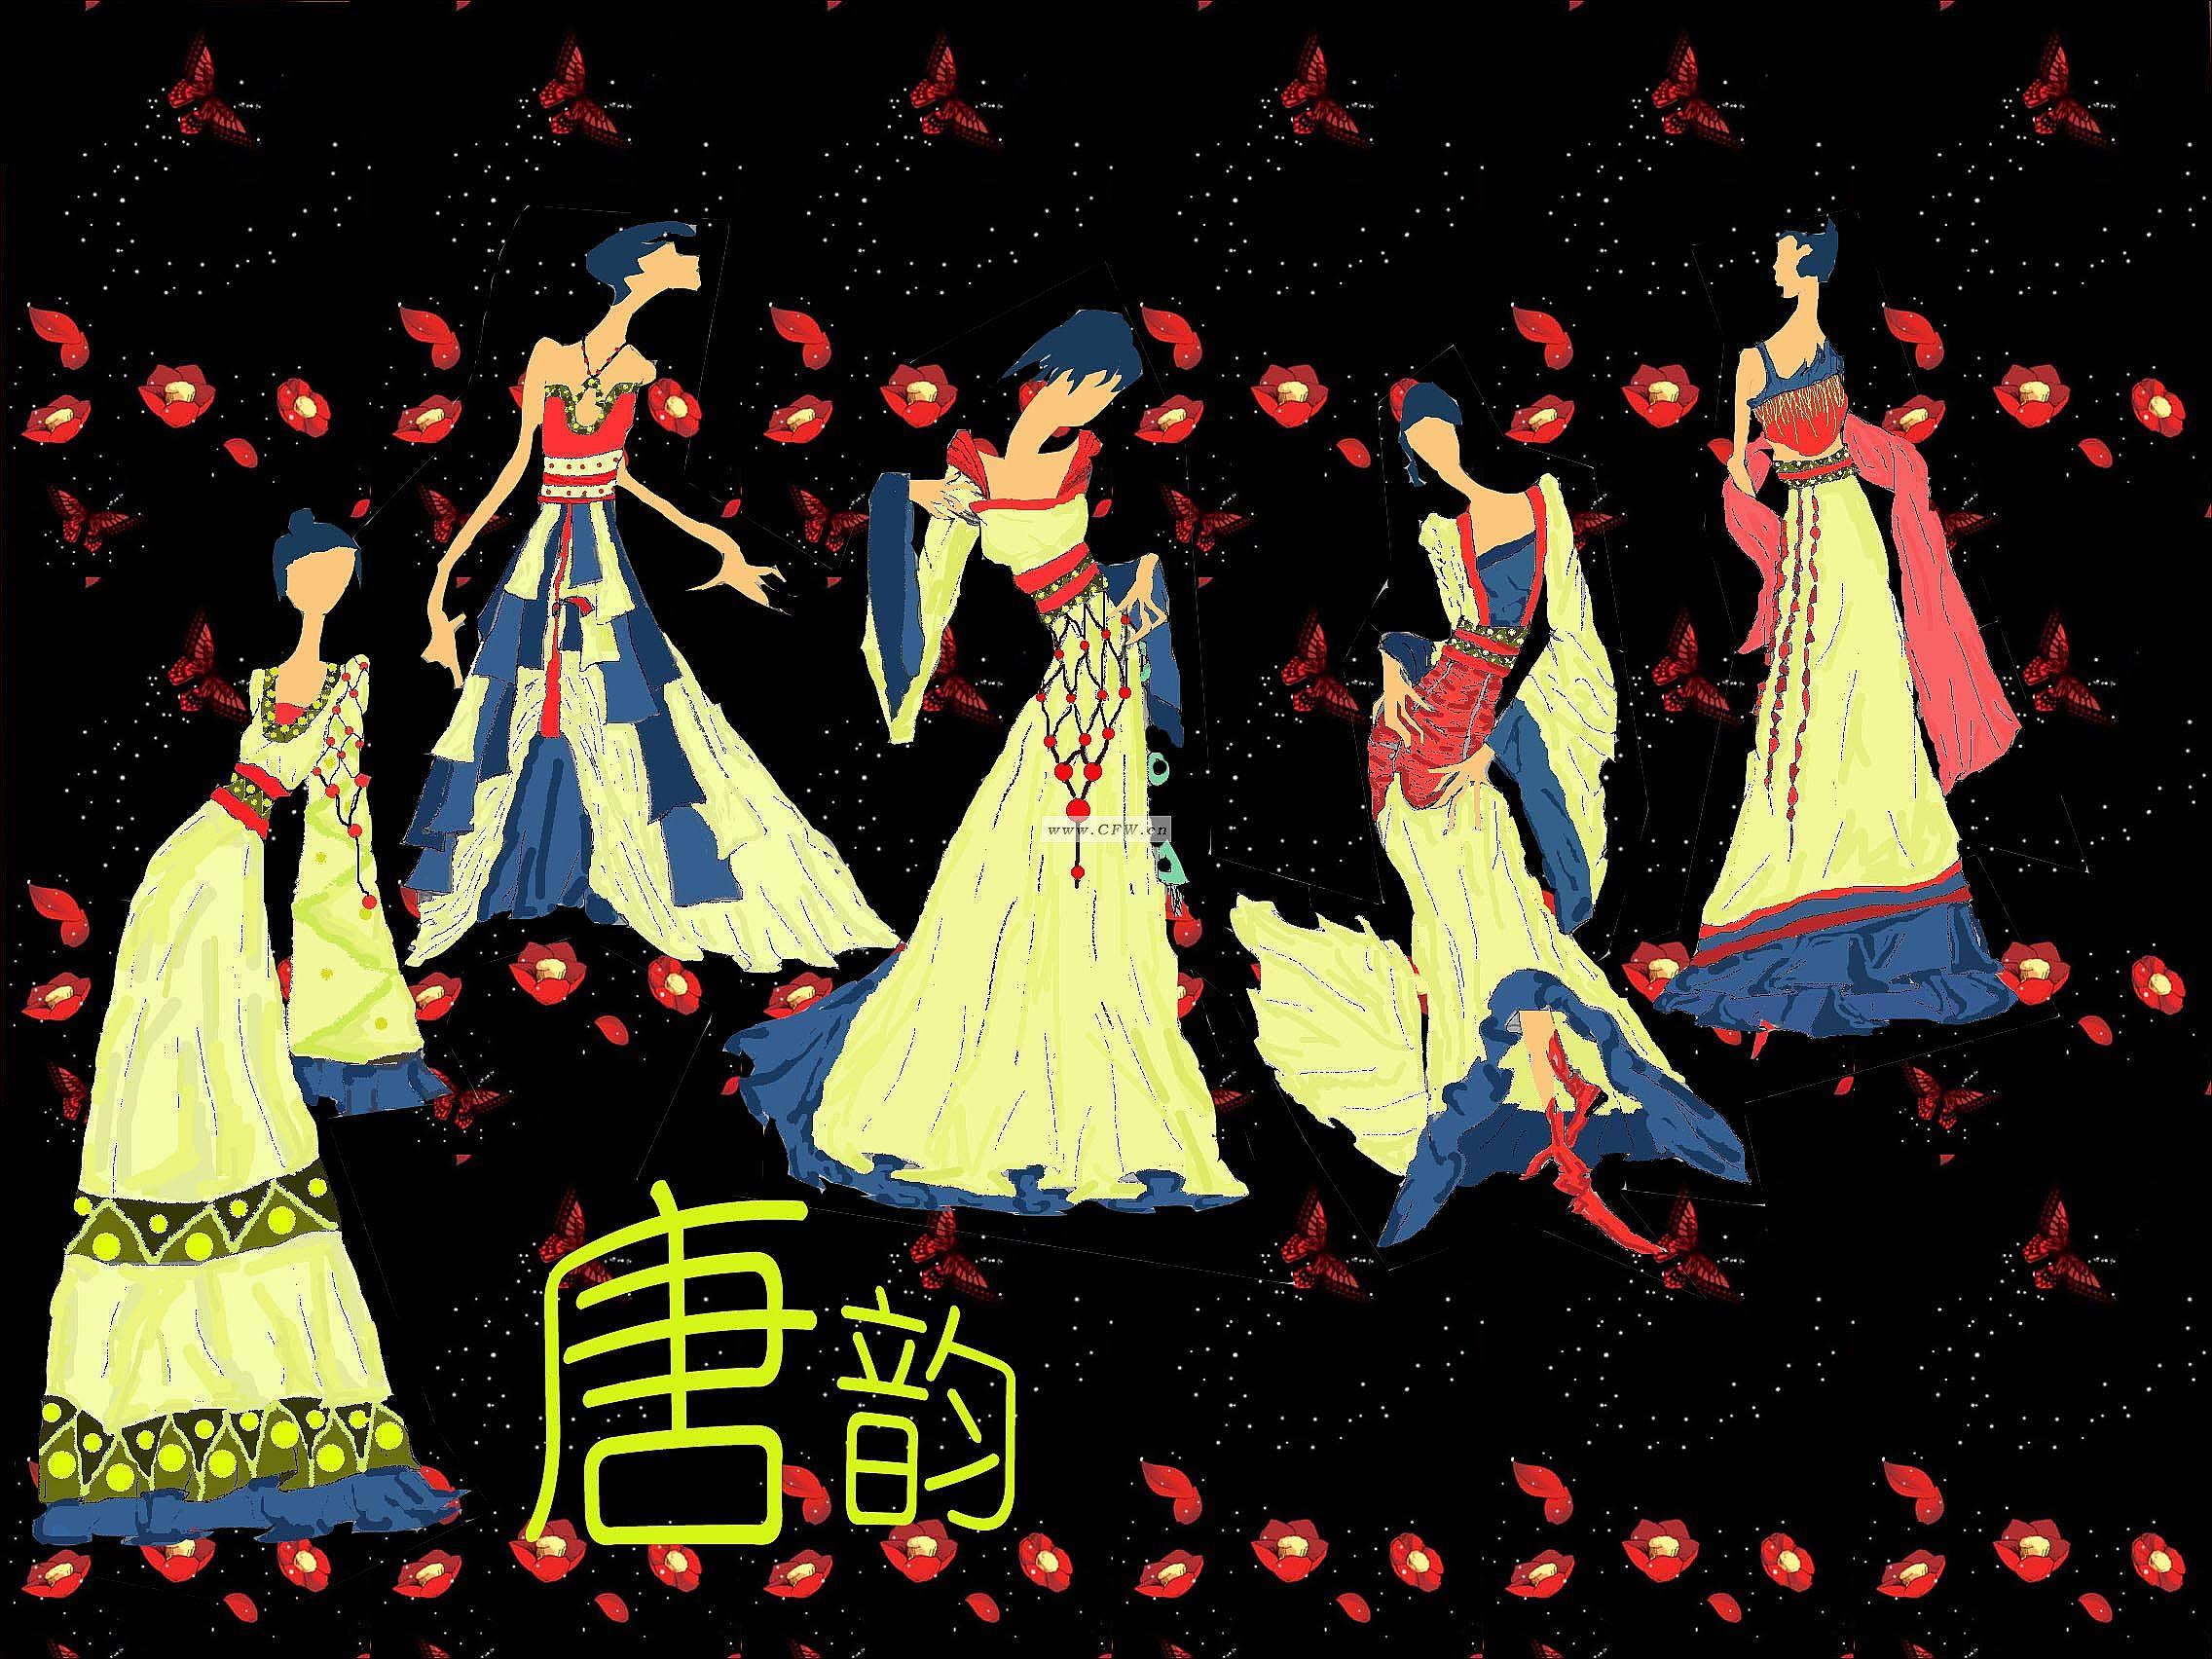 本设计创意来自于唐朝的服装,把唐装与现代晚礼服相结合,既展现穿着